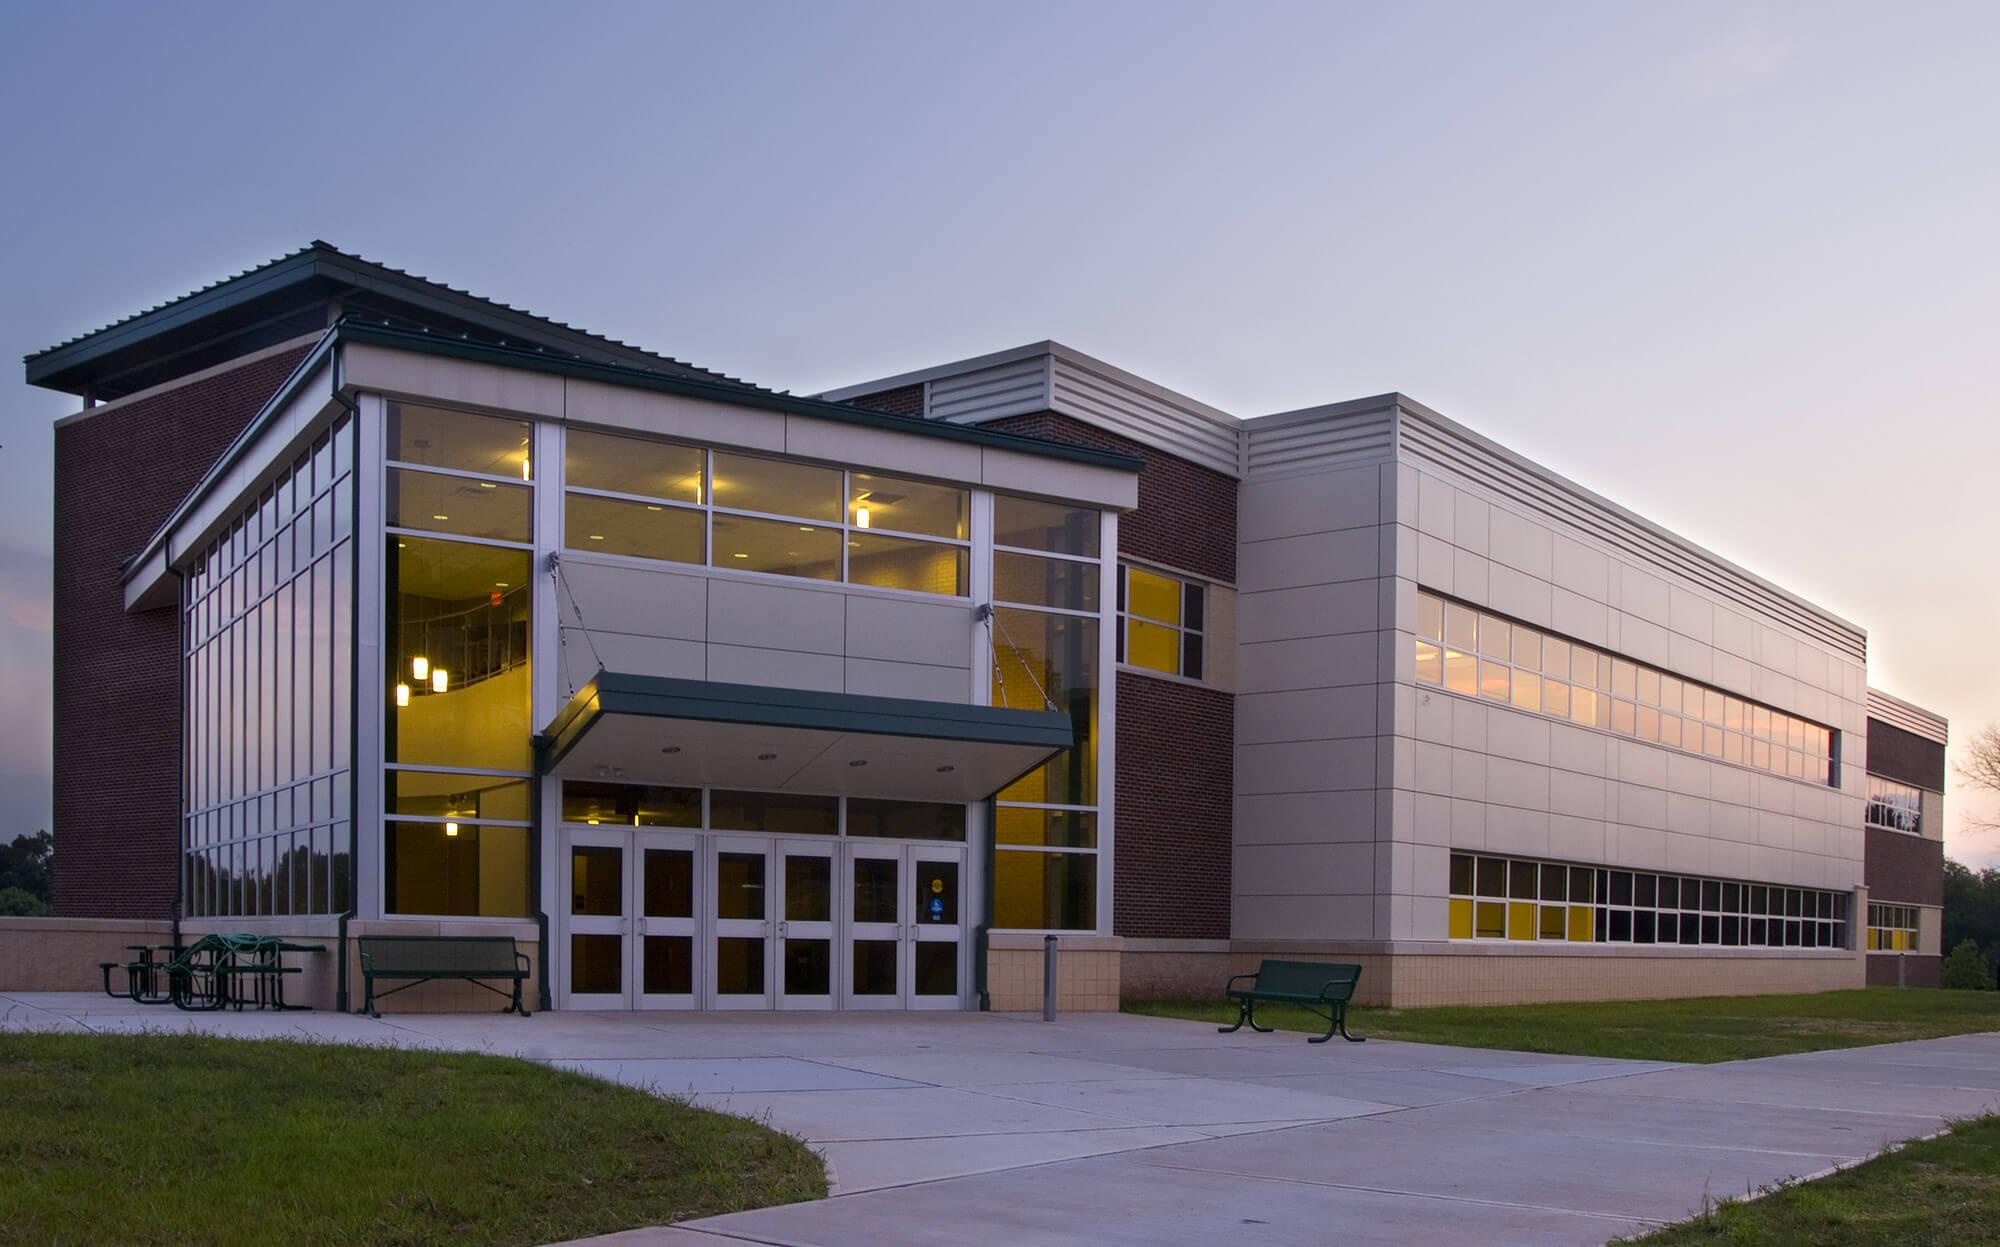 Community College Architecture 5